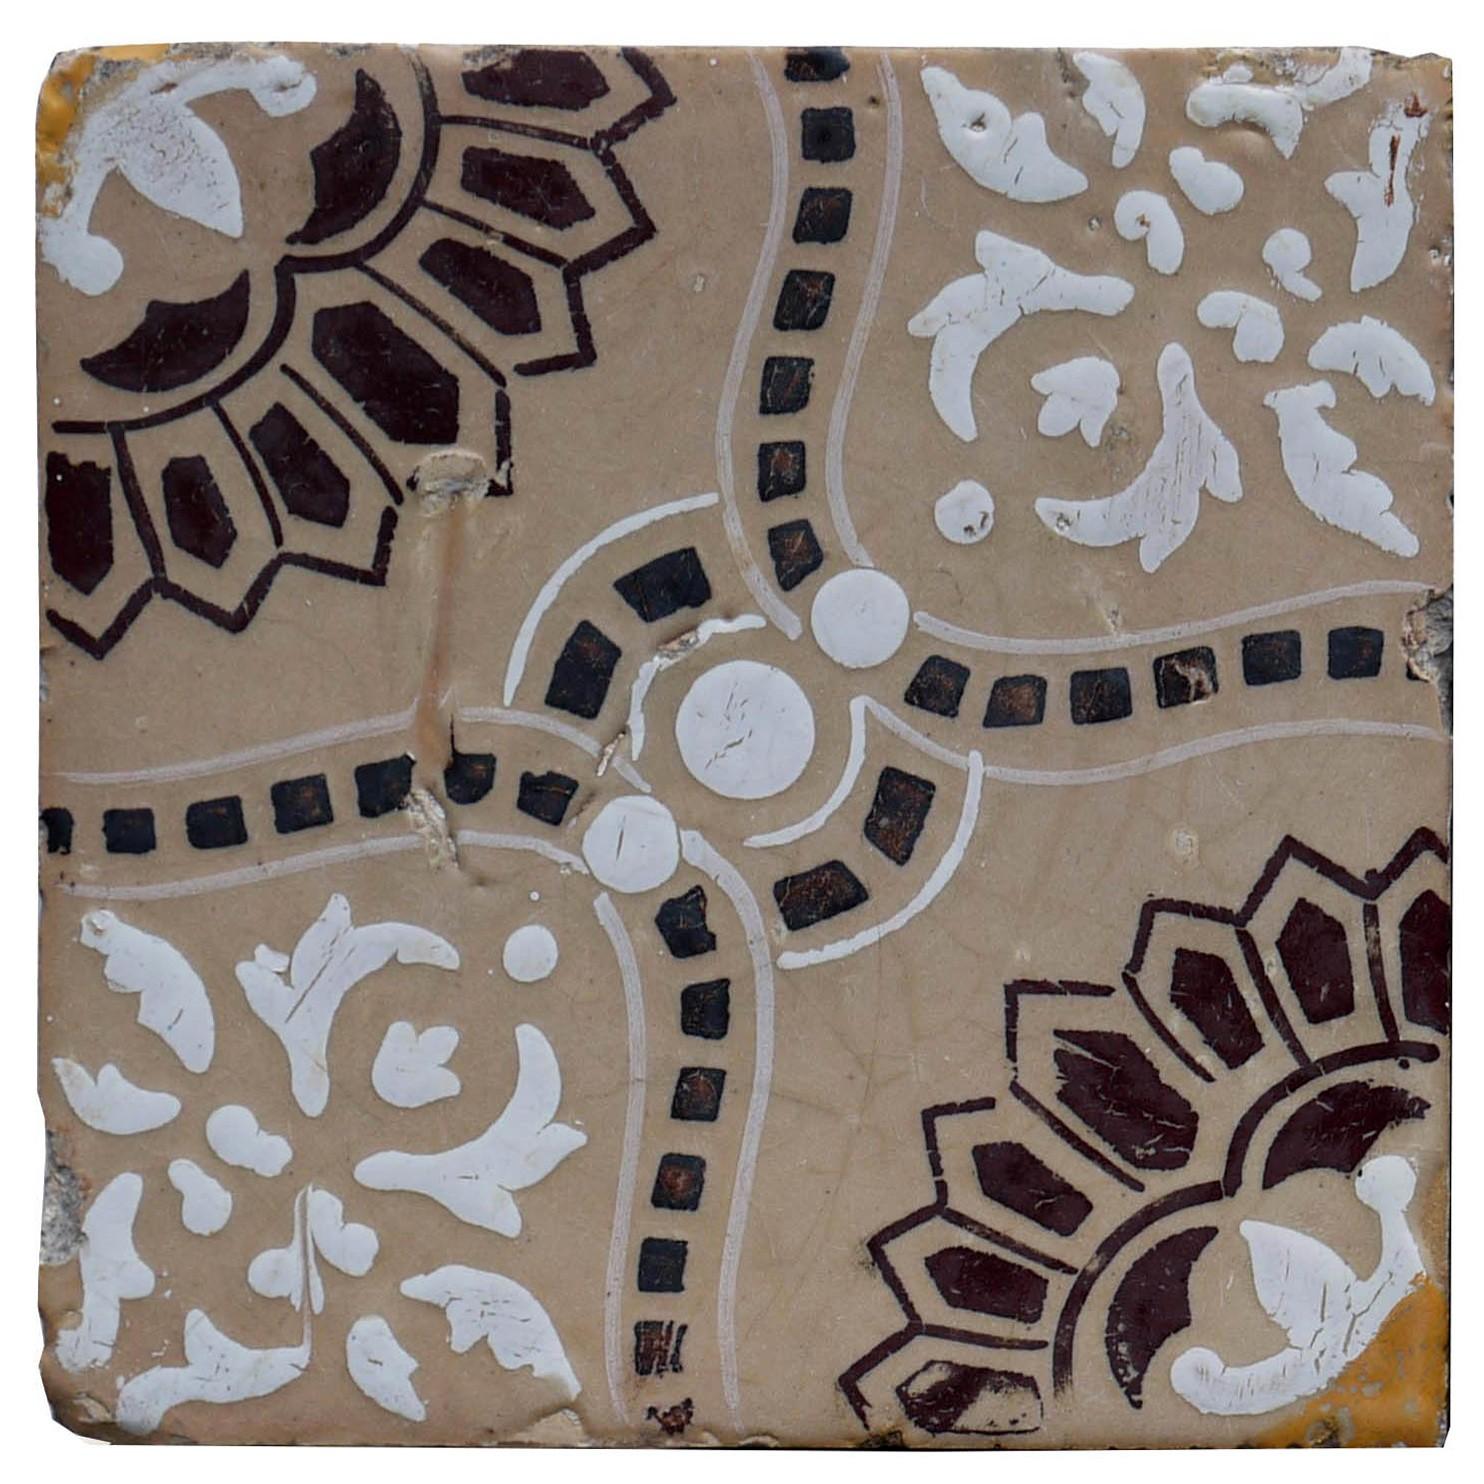 Disegni con piastrelle latest x disegni da cucina best - Disegni per piastrelle ...